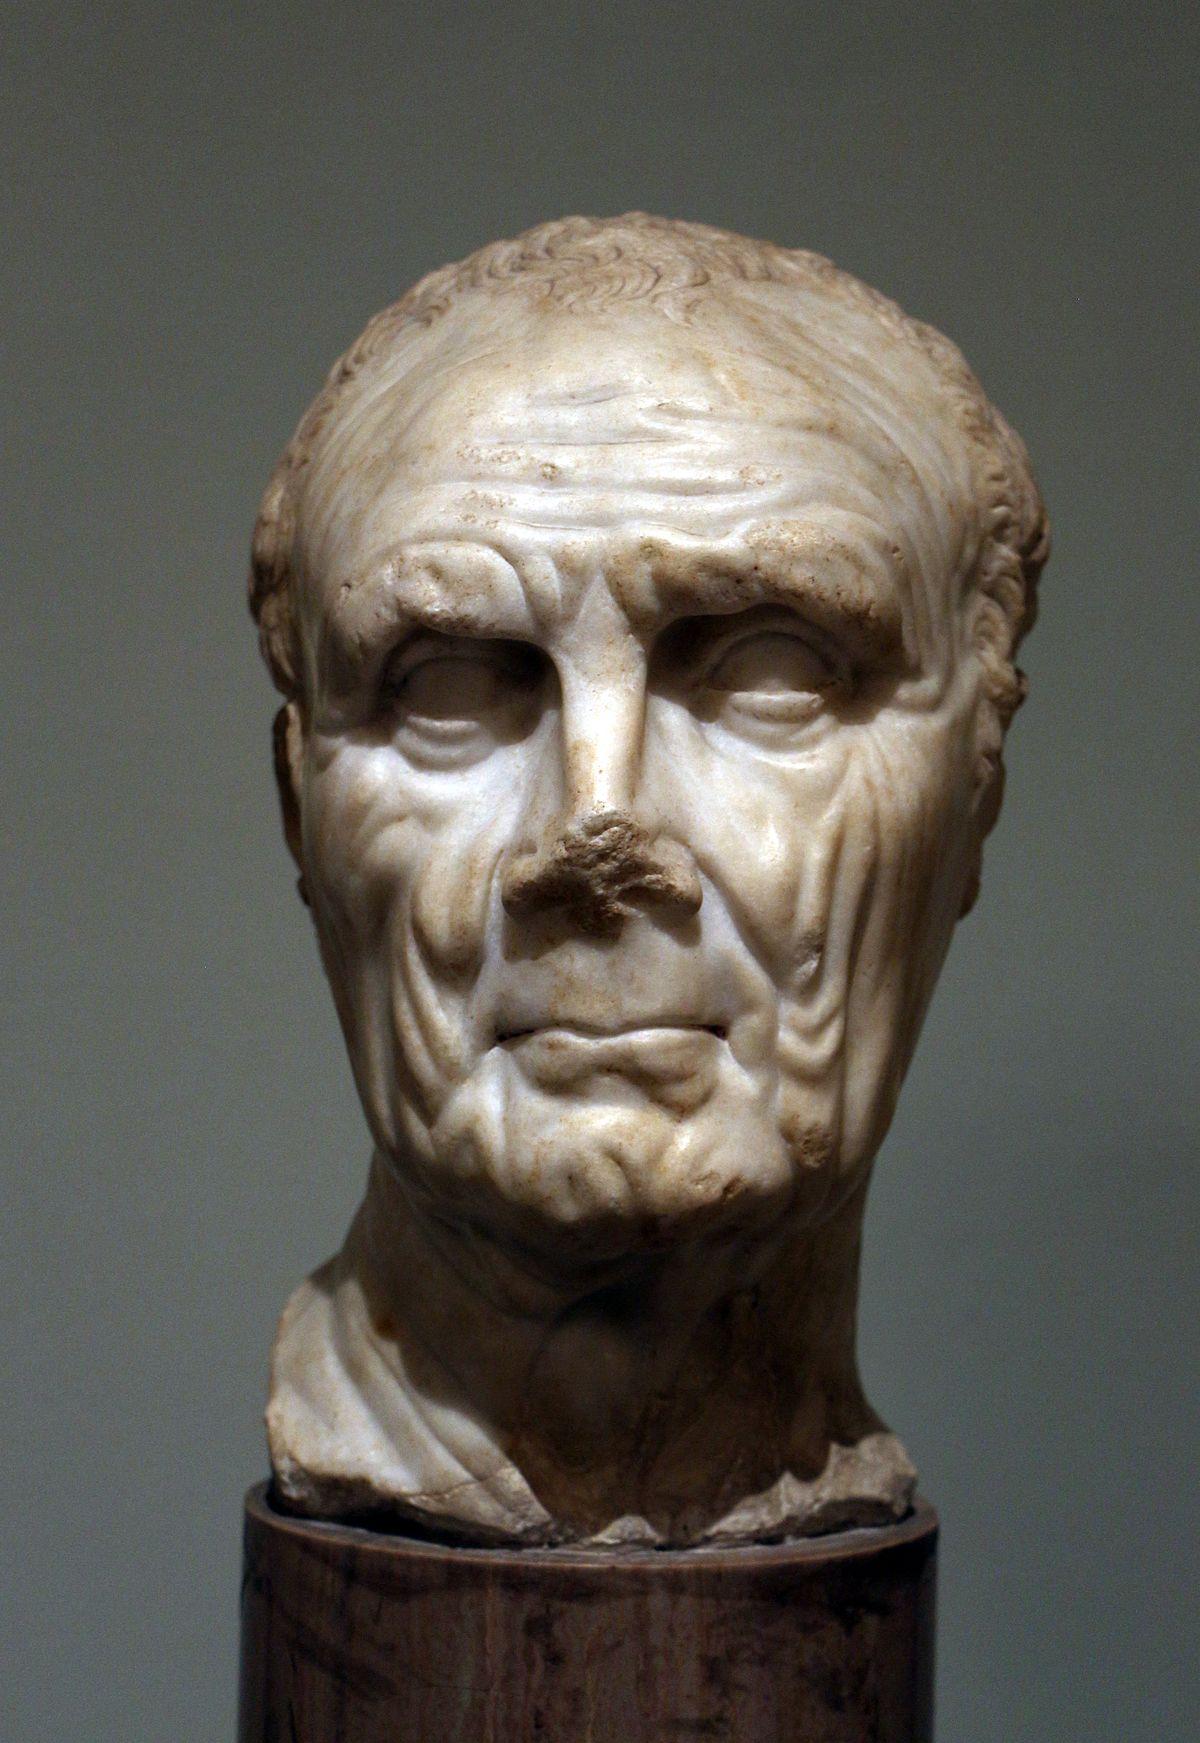 Ritratto romano repubblicano - Wikipedia